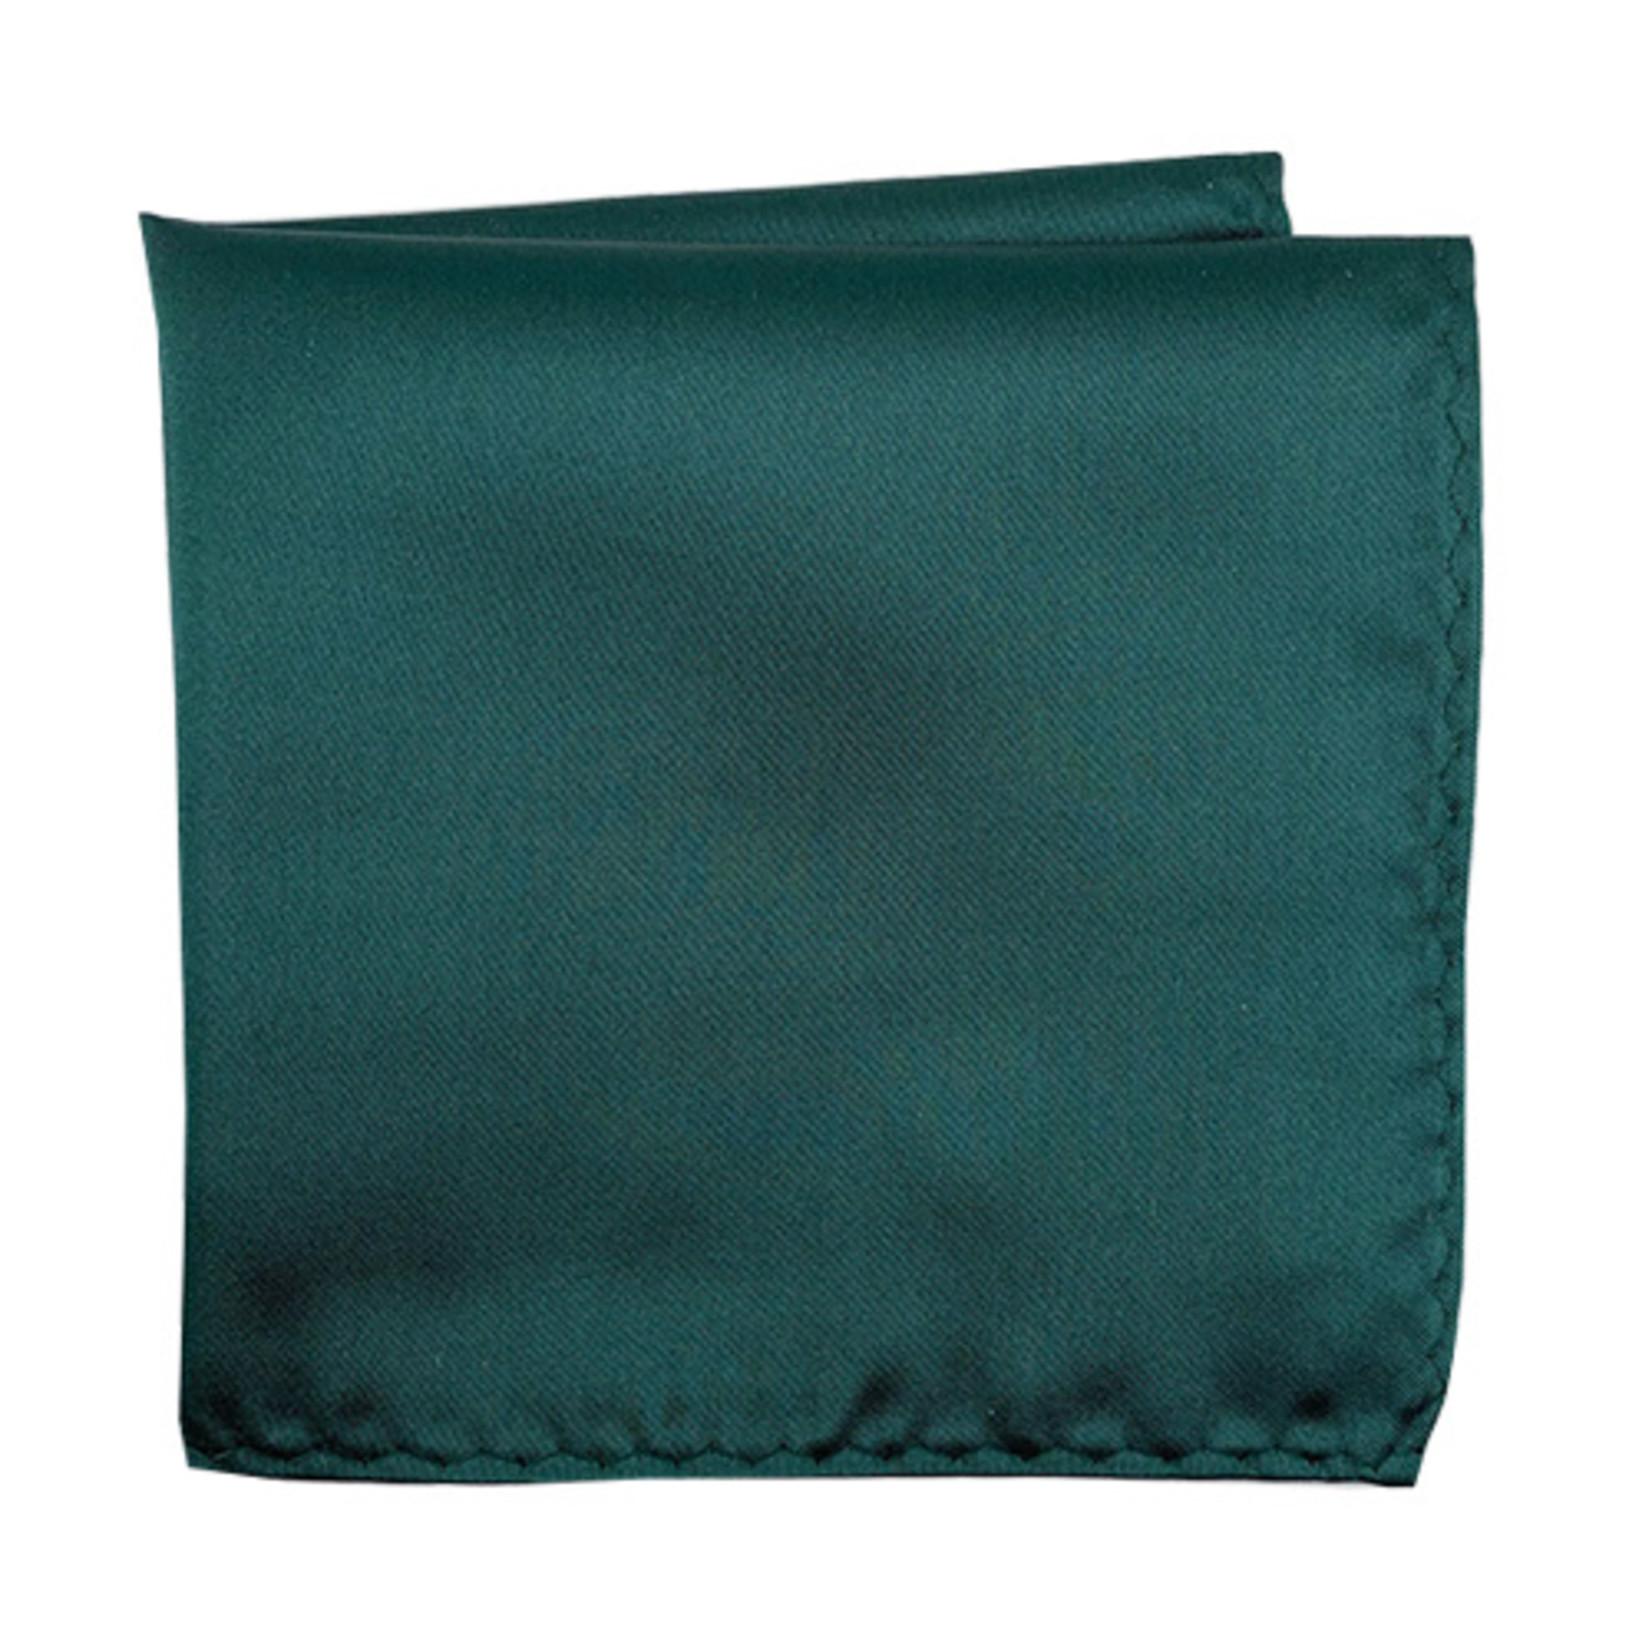 Knotz M100PSQ-45 Solid Dark Emerald Pocket Square